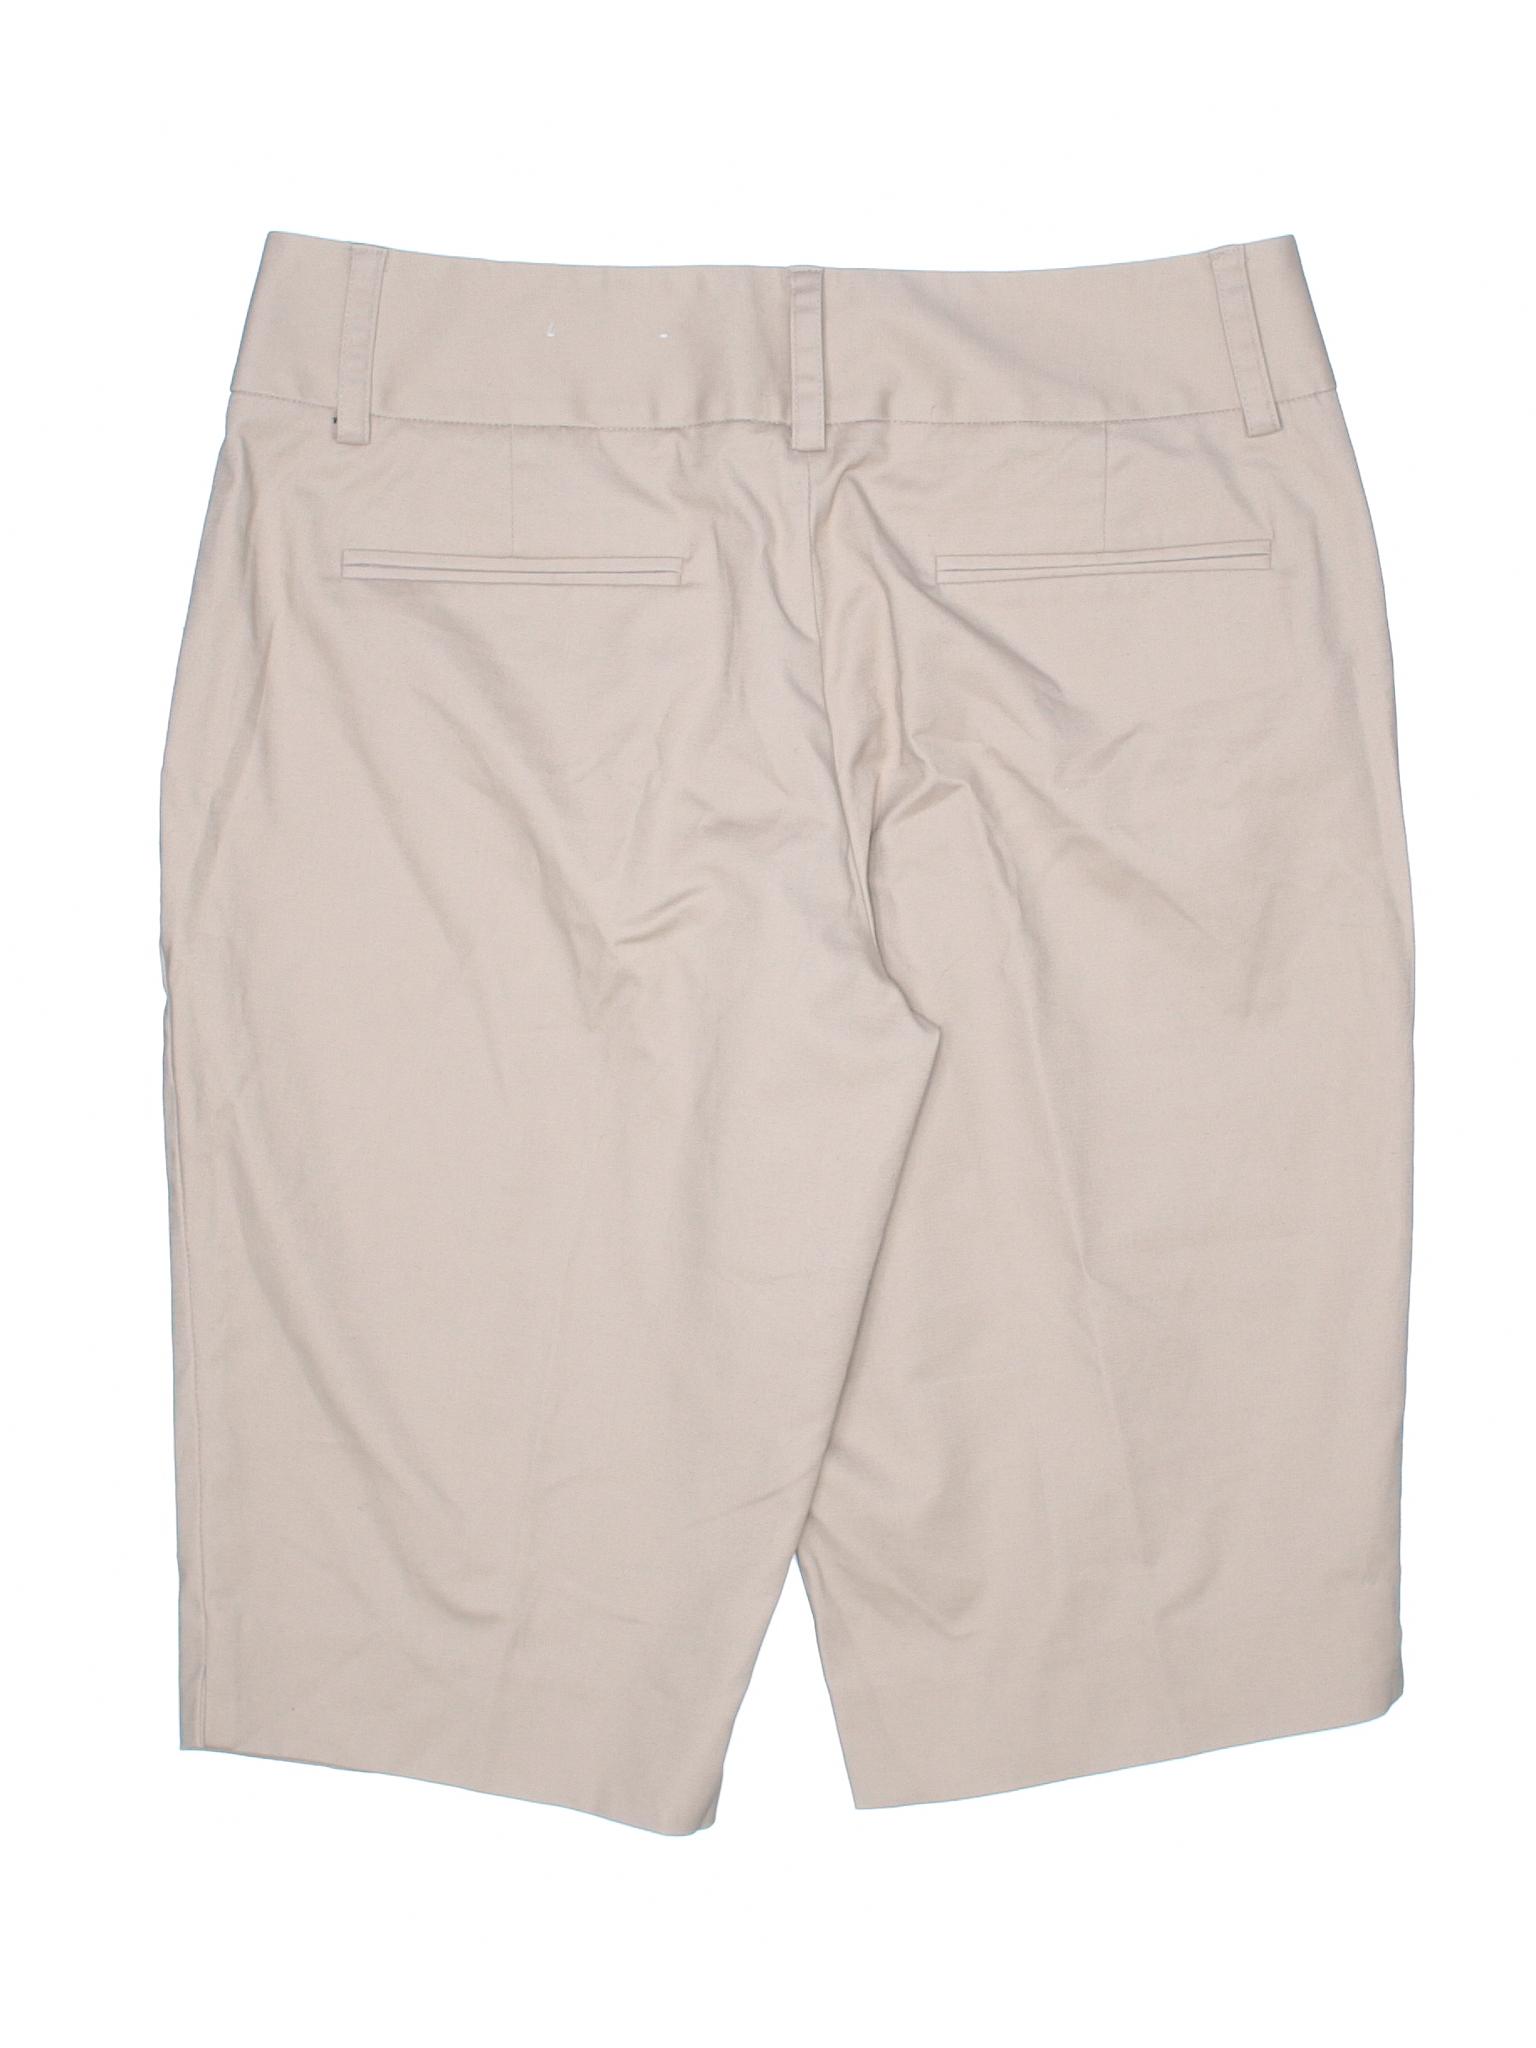 Khaki Khaki 9 Apt 9 Shorts Boutique Boutique Apt O1xqwZH7